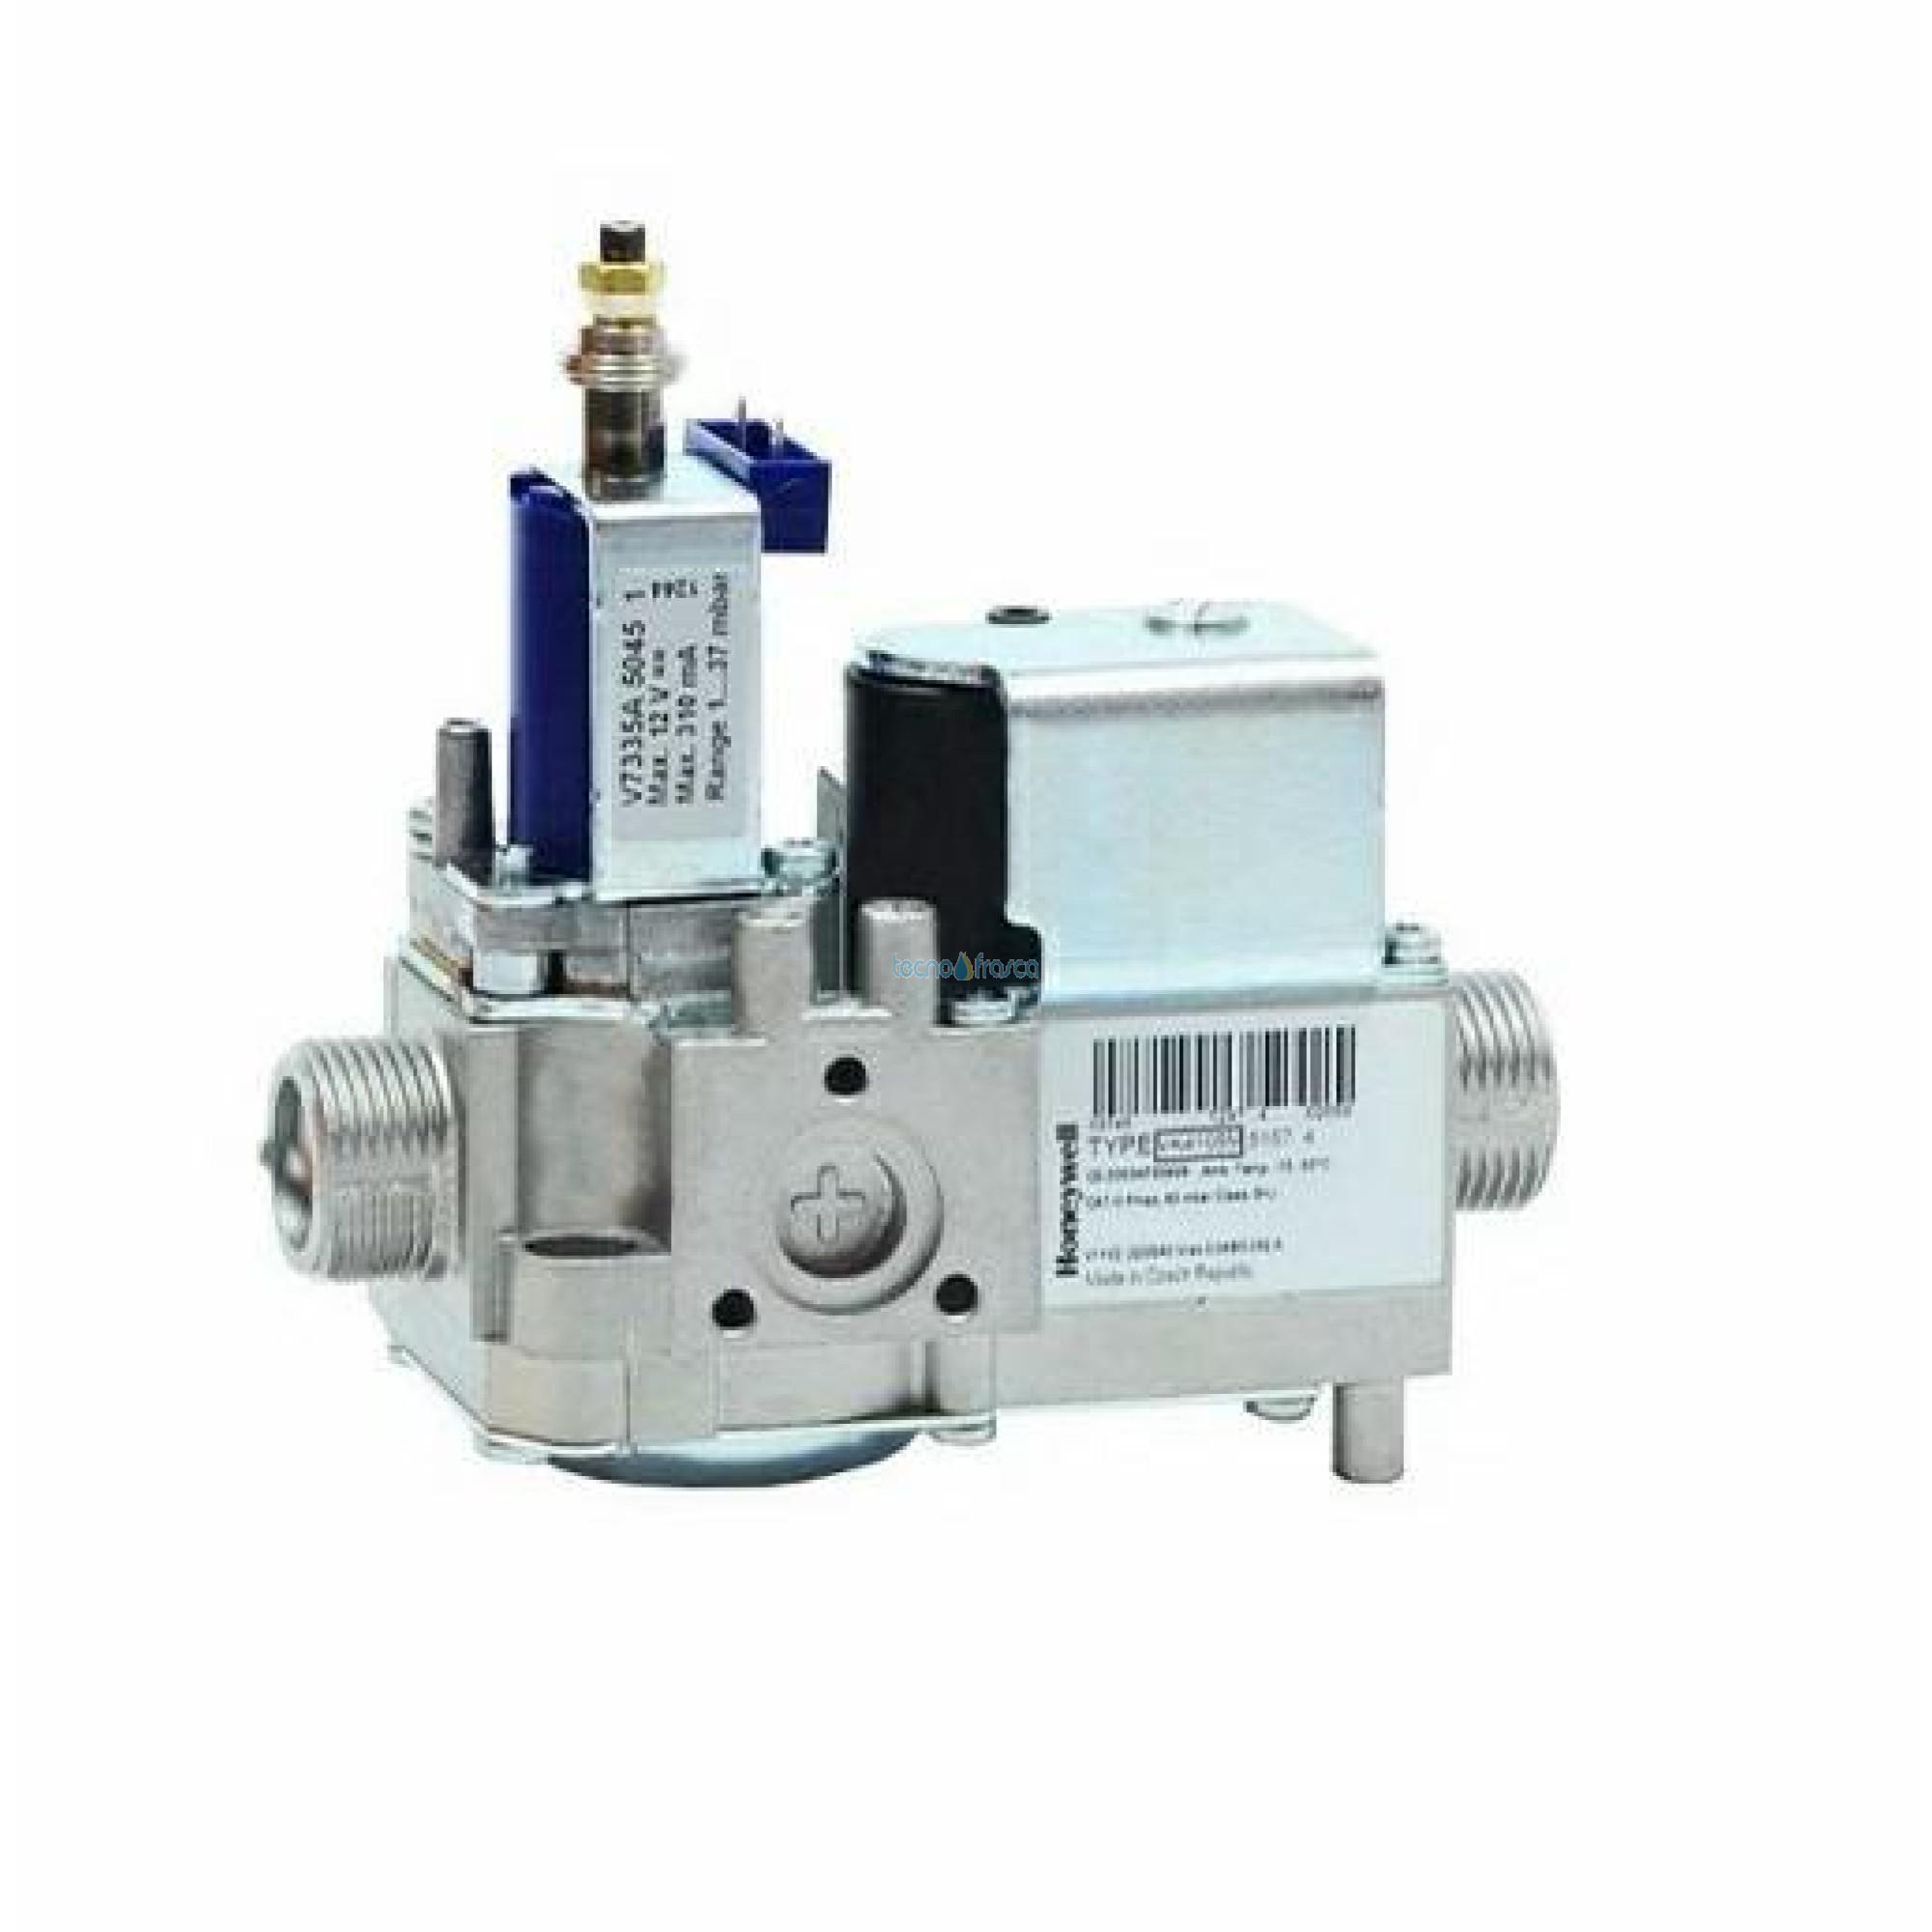 Immergas valvola gas honeywell vk4105m5157 1.040666 ex 1026950